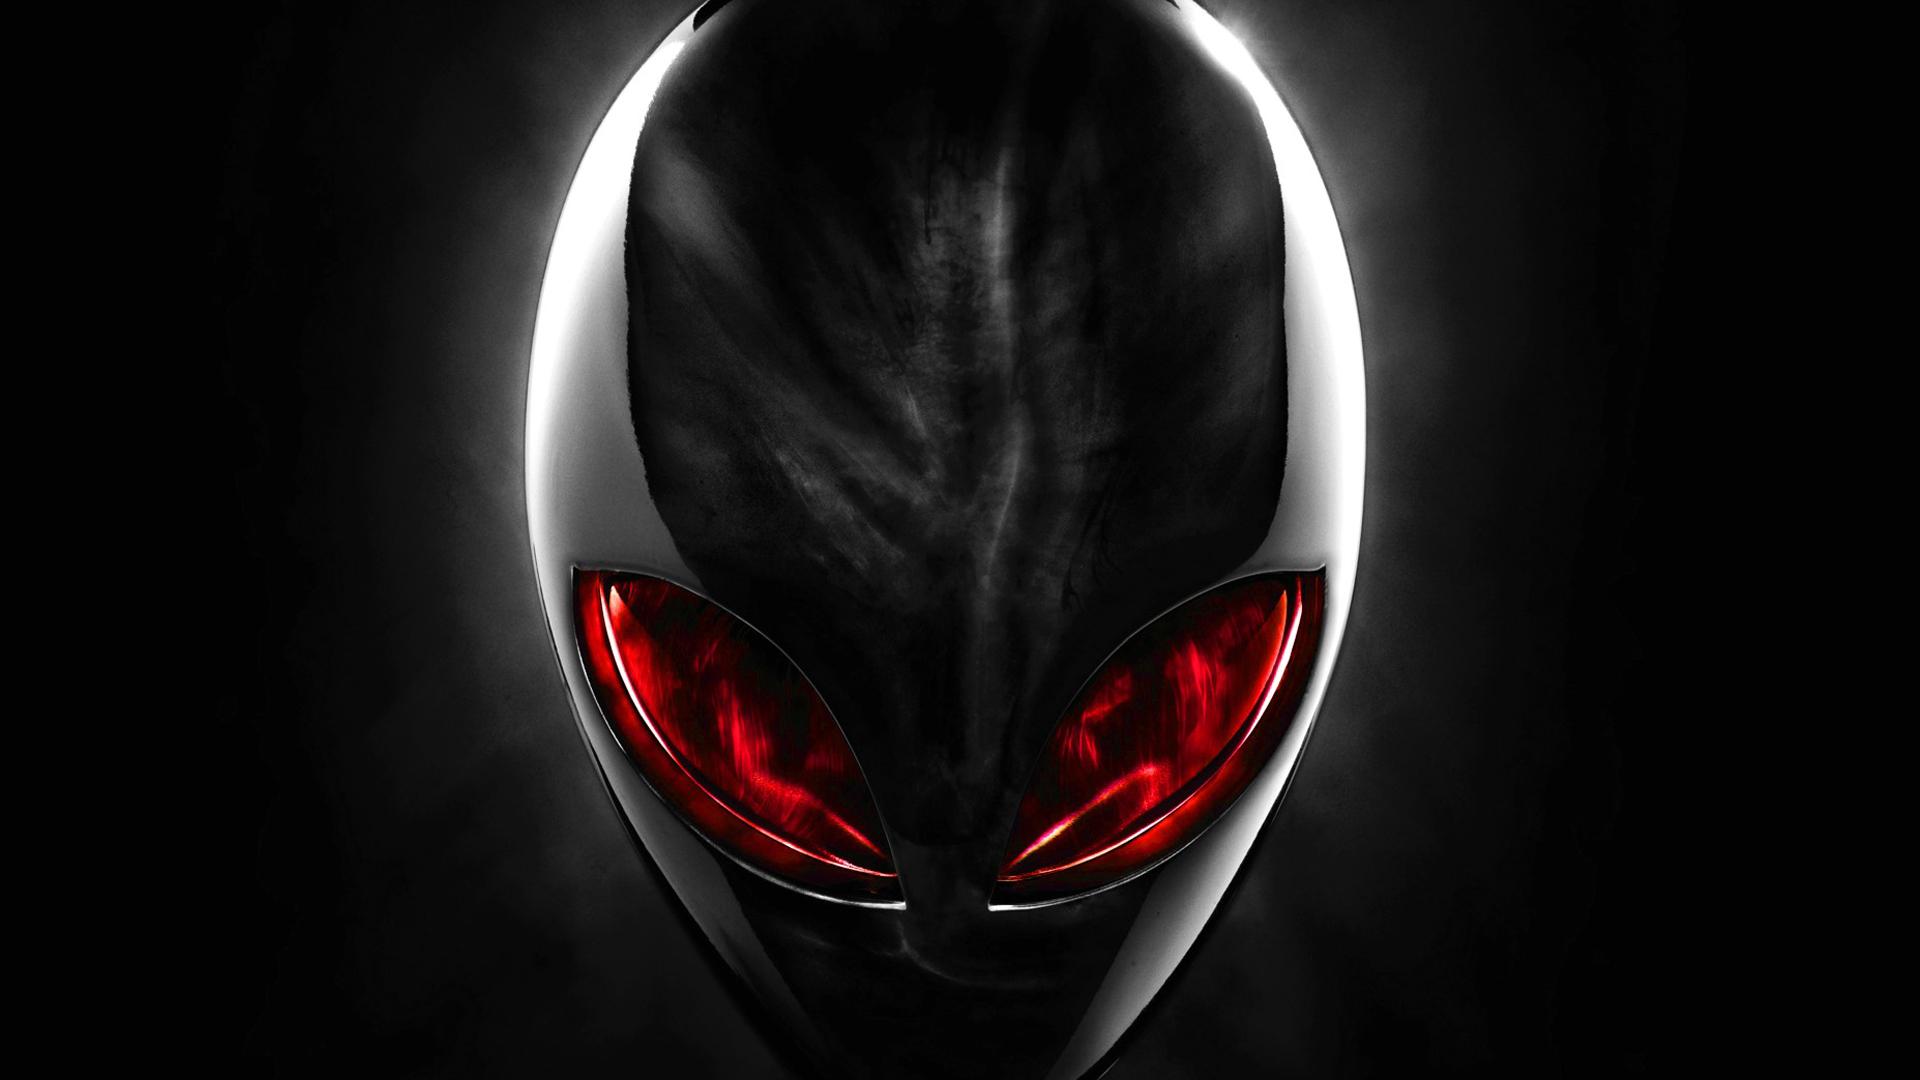 Alien332098052 - Alien - Beat, Alien